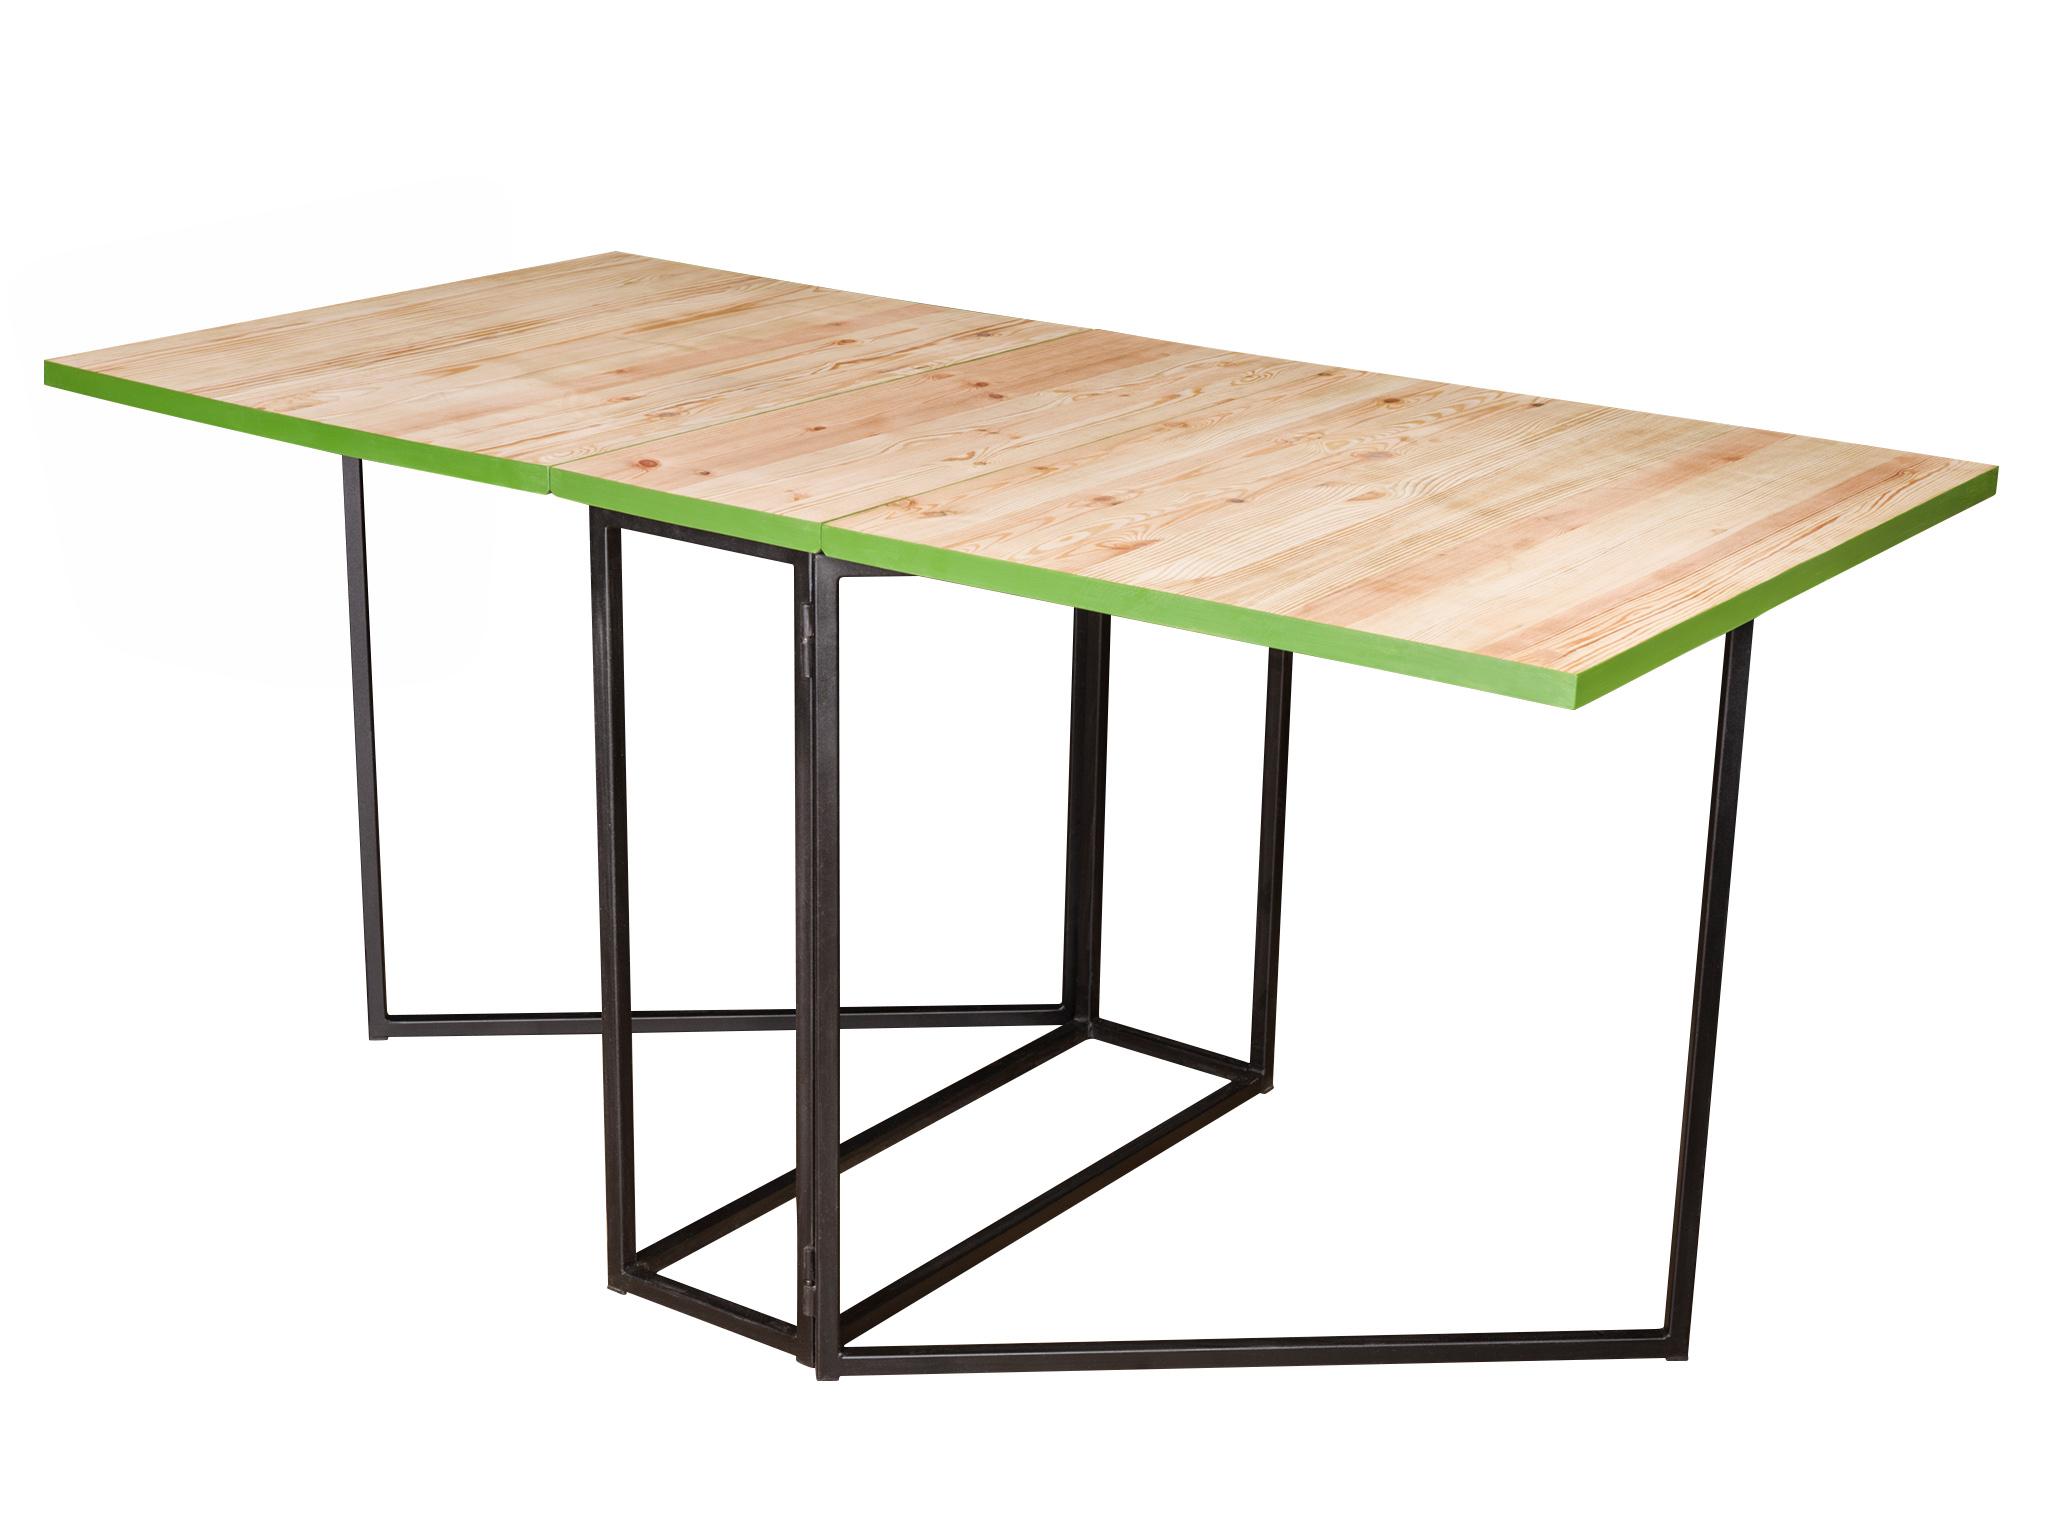 Стол FoldОбеденные столы<br>&amp;lt;div&amp;gt;Теперь вас невозможно будет застать врасплох внезапным застольем, ведь стол &amp;quot;Fold&amp;quot; приводится в боевую готовность за считанные секунды! Благодаря легкой металлической рамке стол остается мобильным, а варианты трансформации также делают этот стол идеальным для кейтеринга.&amp;lt;/div&amp;gt;&amp;lt;div&amp;gt;&amp;lt;br&amp;gt;&amp;lt;/div&amp;gt;Размеры стола в разложенном состоянии 160*80*75, в сложенном 35*80*75 см.&amp;lt;div&amp;gt;Материалы: сосна, металл.&amp;lt;br&amp;gt;&amp;lt;/div&amp;gt;&amp;lt;div&amp;gt;&amp;lt;br&amp;gt;&amp;lt;/div&amp;gt;&amp;lt;div&amp;gt;Возможно изготовление столешницы из различных пород дерева, различной тонировки и цвета.&amp;amp;nbsp;&amp;lt;/div&amp;gt;&amp;lt;div&amp;gt;Цвет подстолья также можно выбрать по RAL.&amp;lt;br&amp;gt;&amp;lt;/div&amp;gt;<br><br>Material: Сосна<br>Width см: 160<br>Depth см: 80<br>Height см: 75<br>Diameter см: None